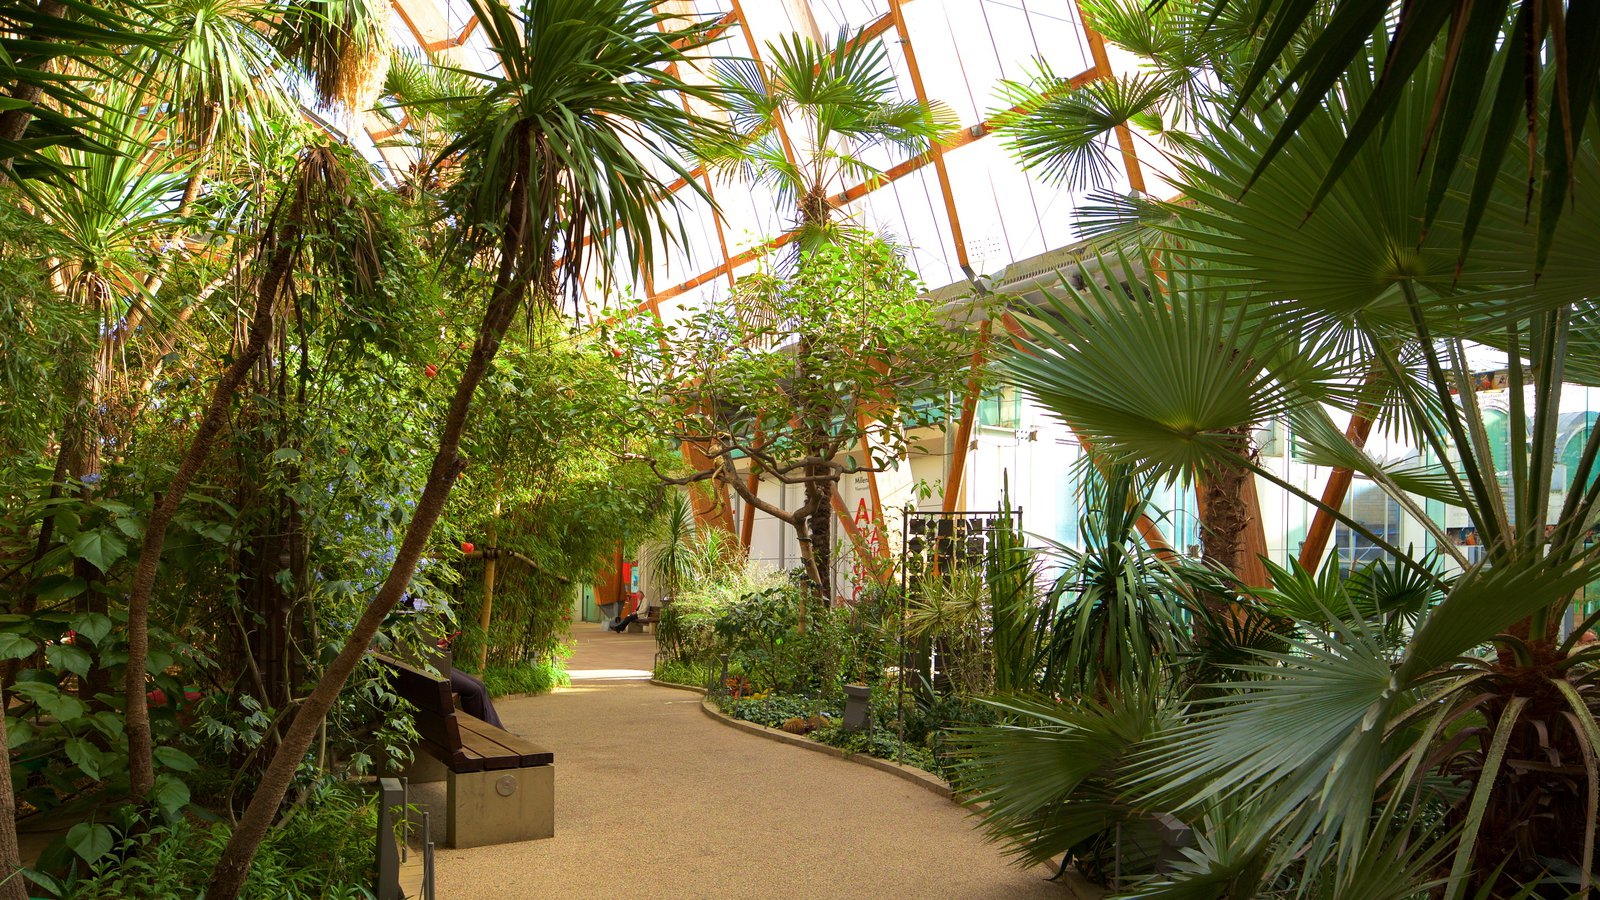 winter garden pictures view photos u0026 images of winter garden